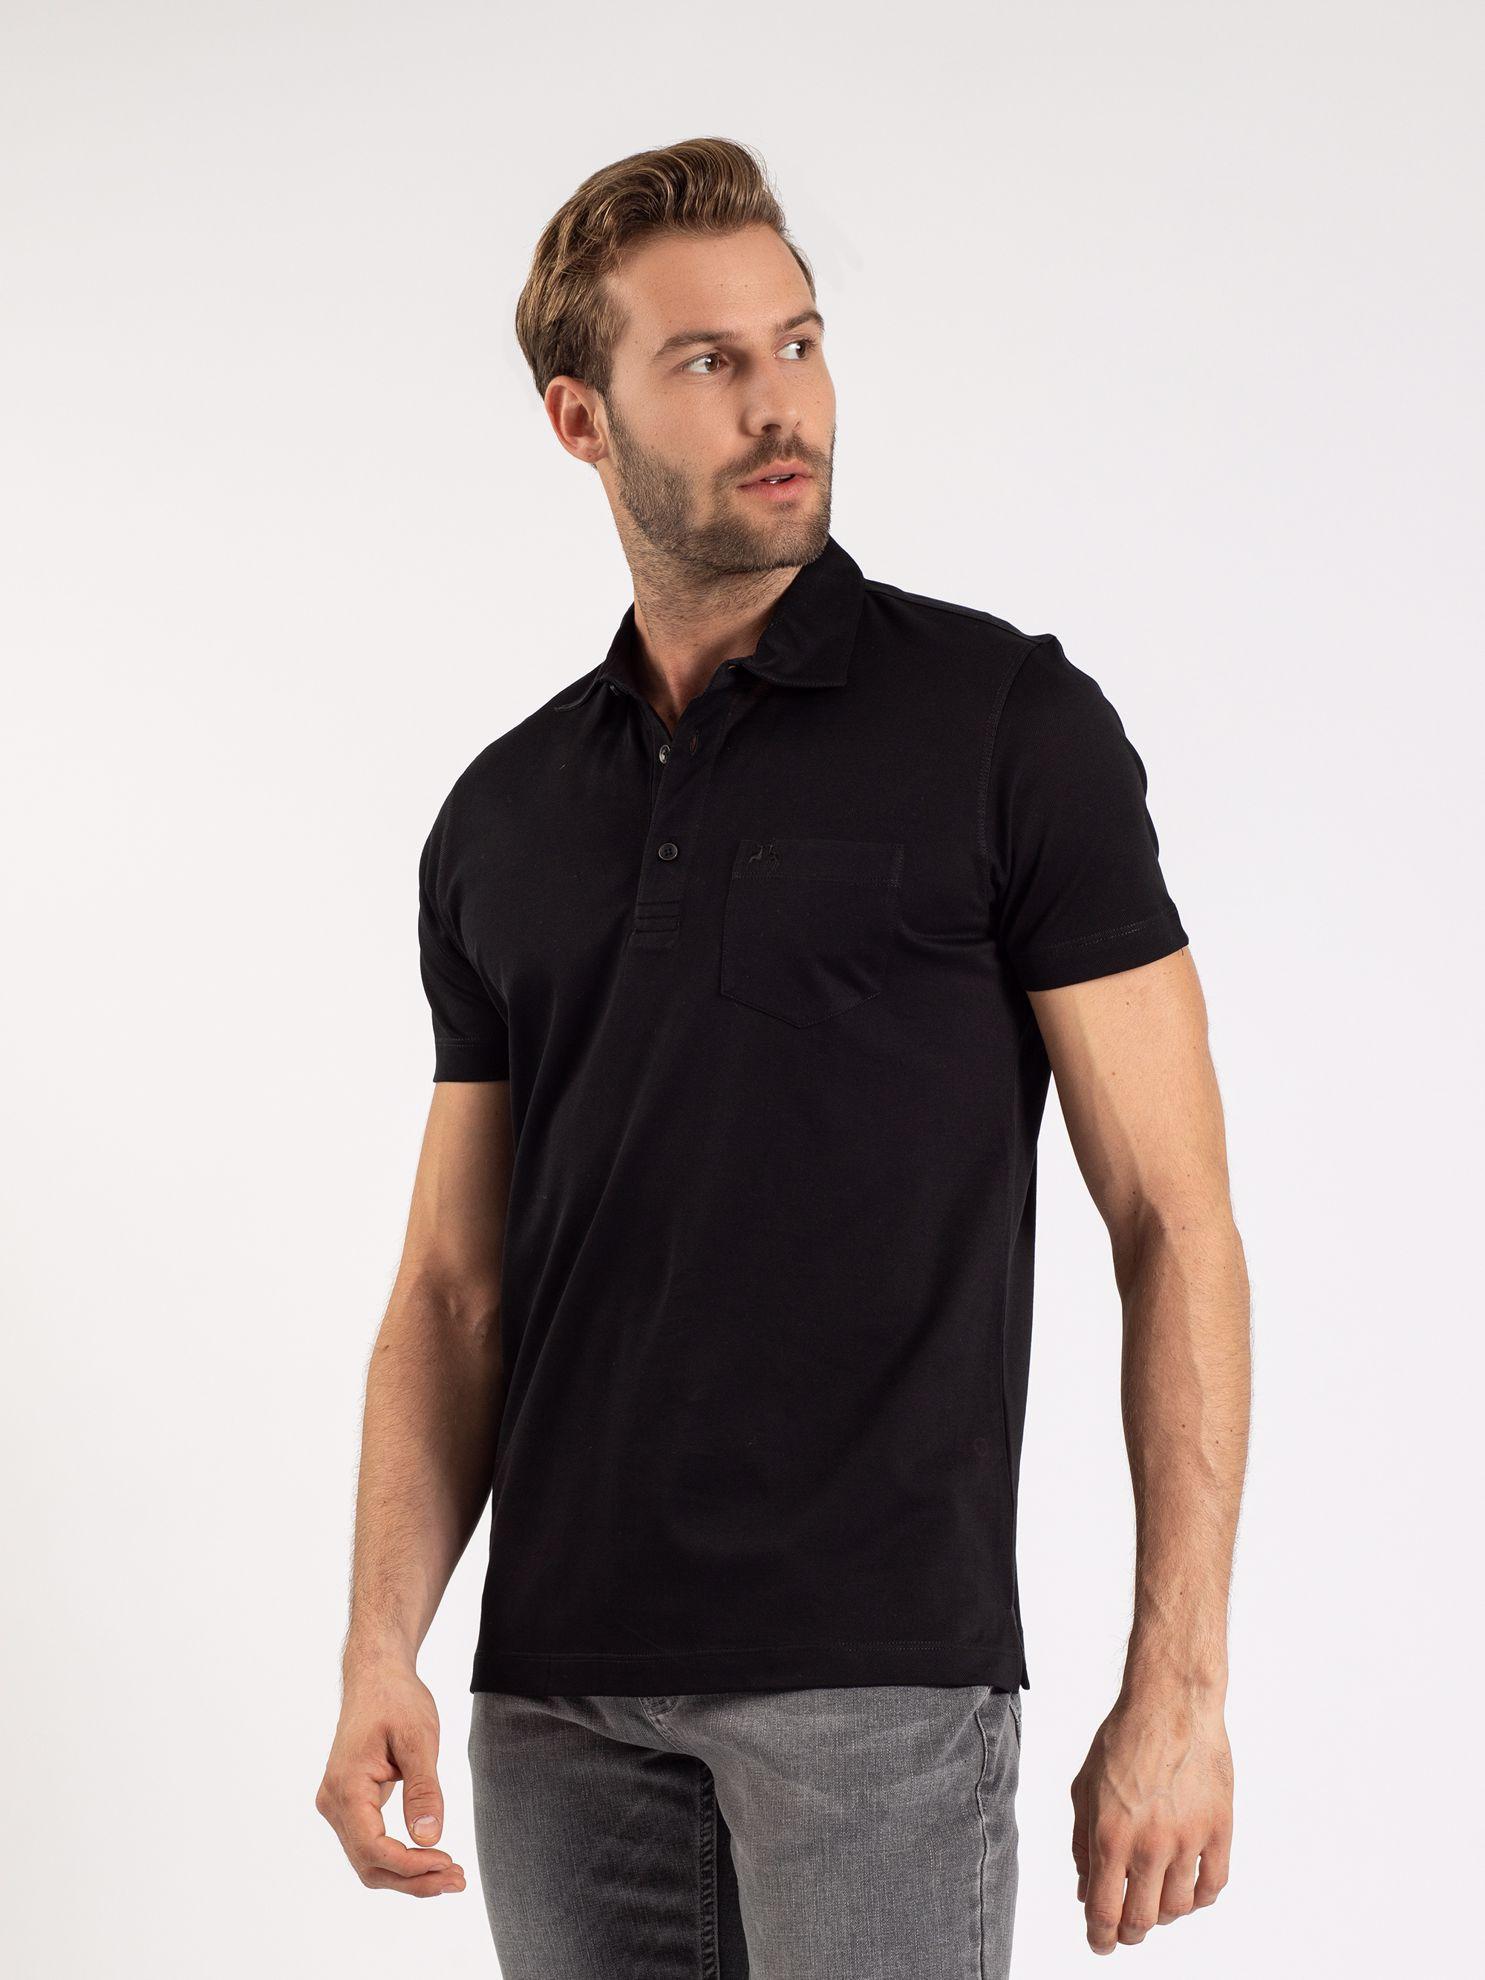 Karaca Erkek Regular Fıt Polo Yaka Tişört-Siyah. ürün görseli